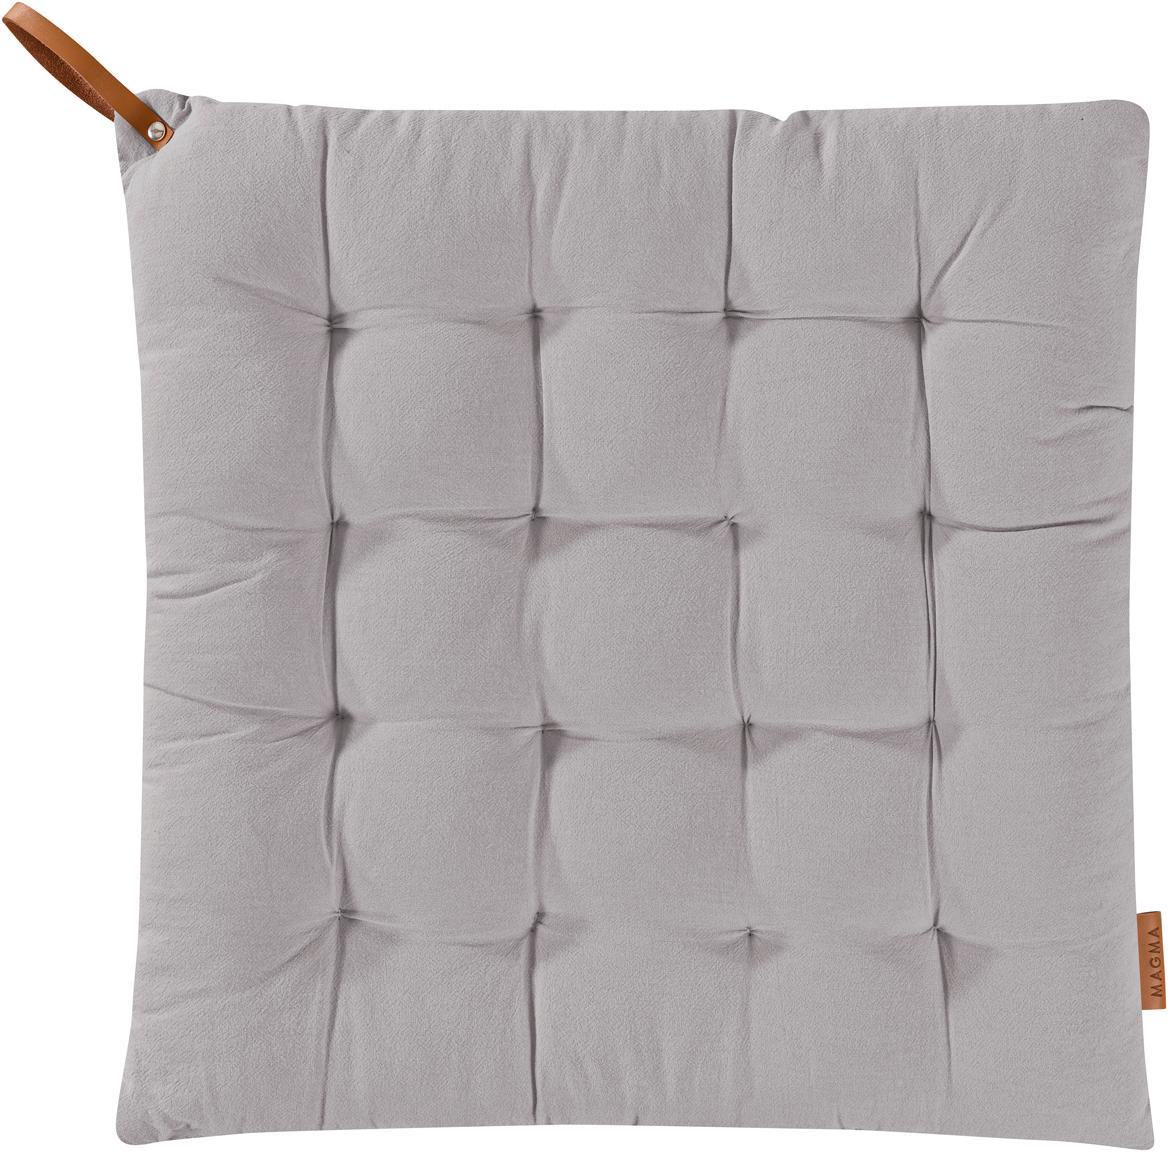 Cuscino sedia Billie, Cotone, Grigio, Larg. 40 x Lung. 40 cm